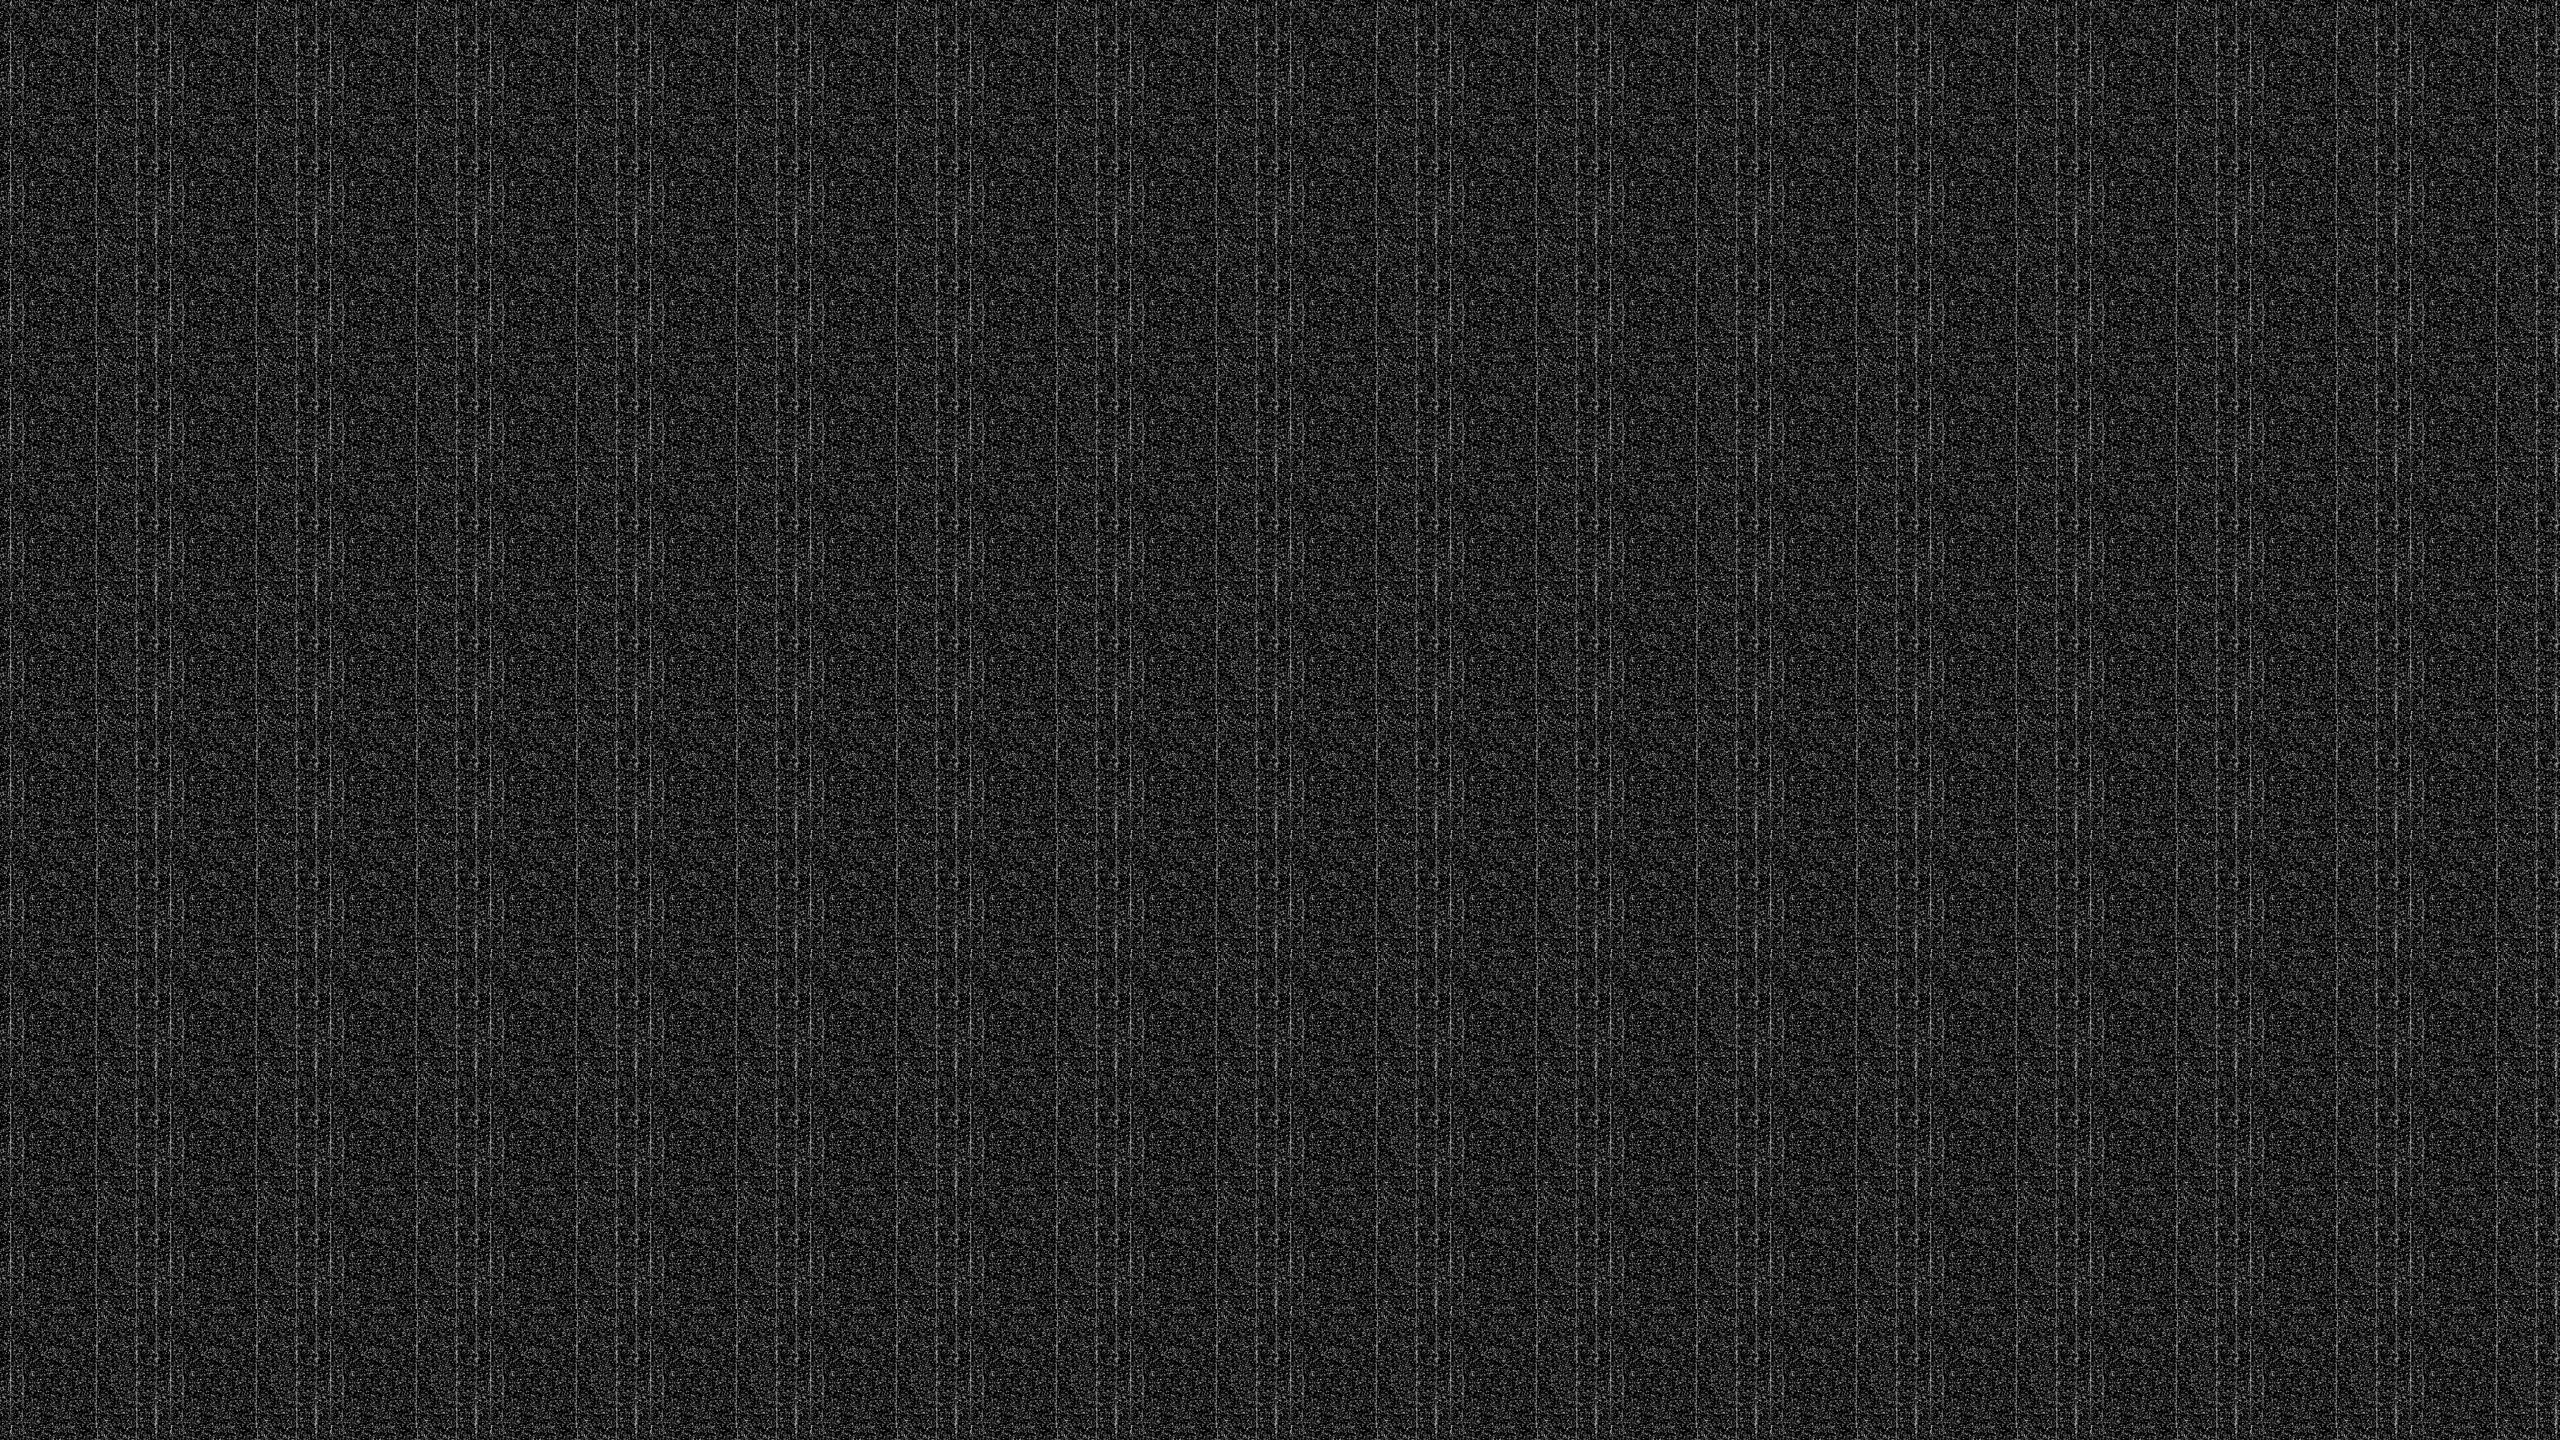 TV Wallpaper Desktop - WallpaperSafari